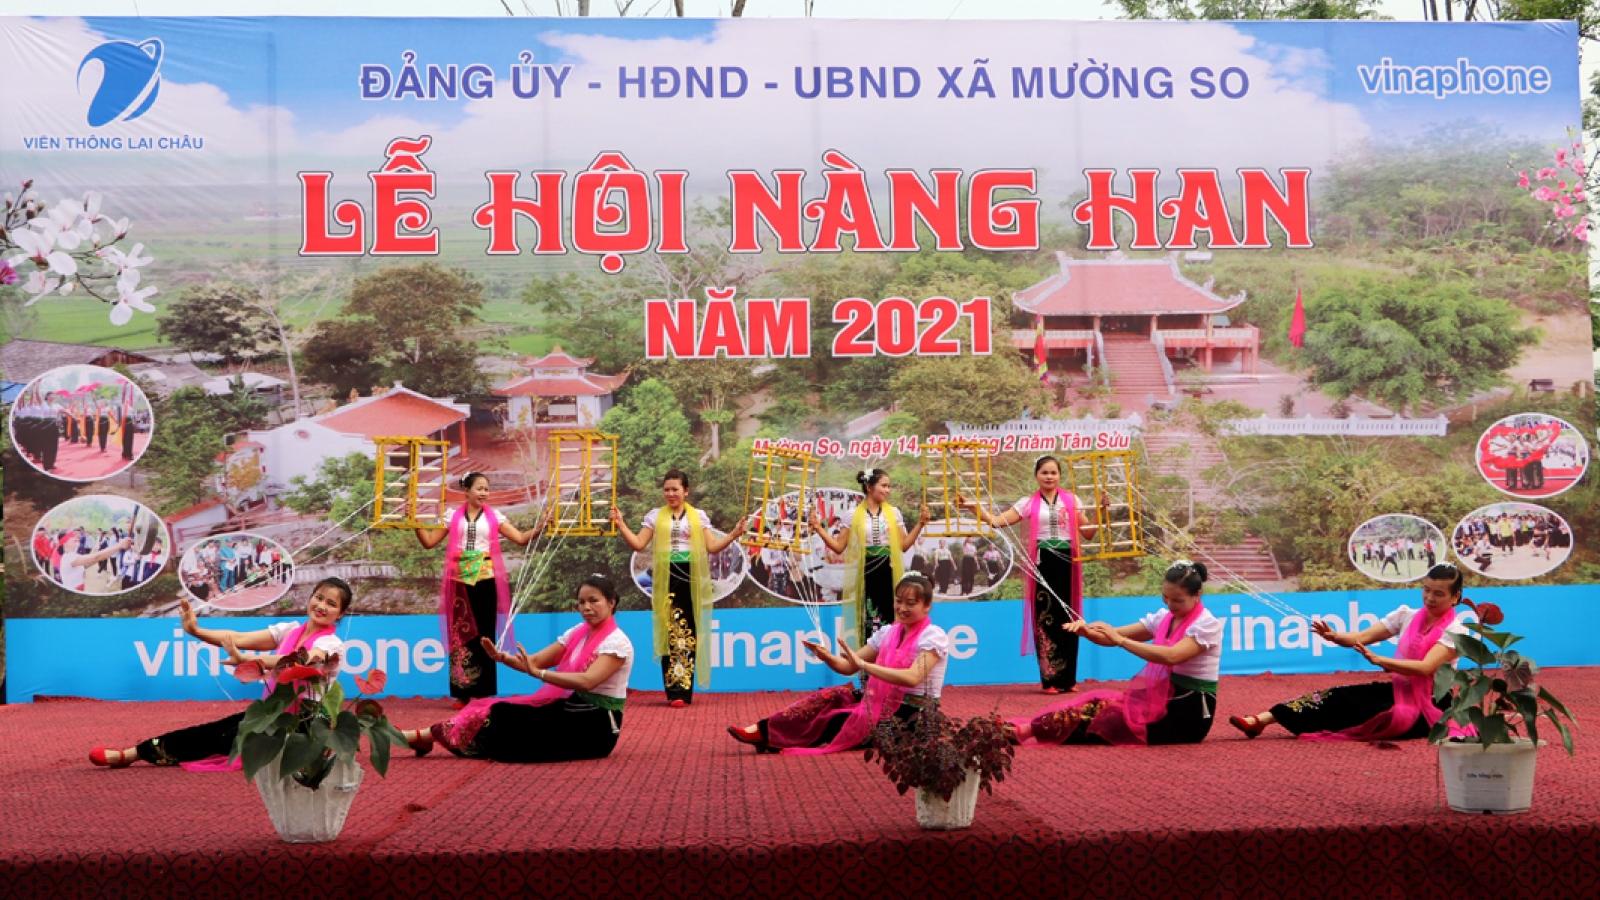 Khai mạc lễ hội Nàng Han - hoạt động tưởng nhớ nữ tướng anh hùng dân tộc Thái Tây Bắc